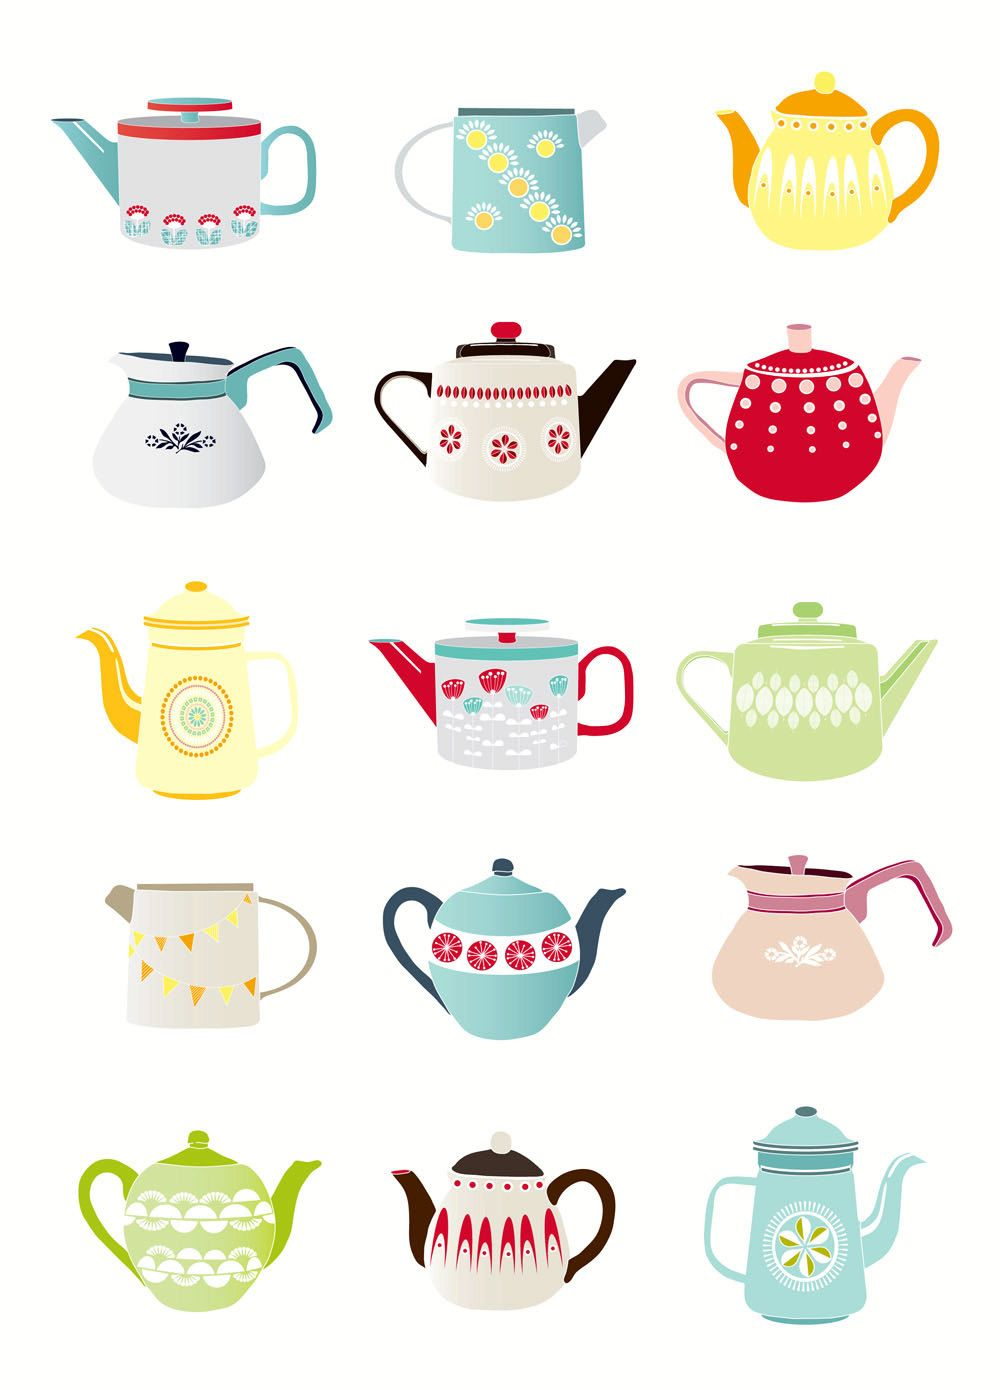 Retro kitchen wall art - Teapots Art Print Kitchen Wall Art Kitchen Teapots Teapot Illustration Children S Vintage Retro Kitchen Art Gift For Style Spptp1